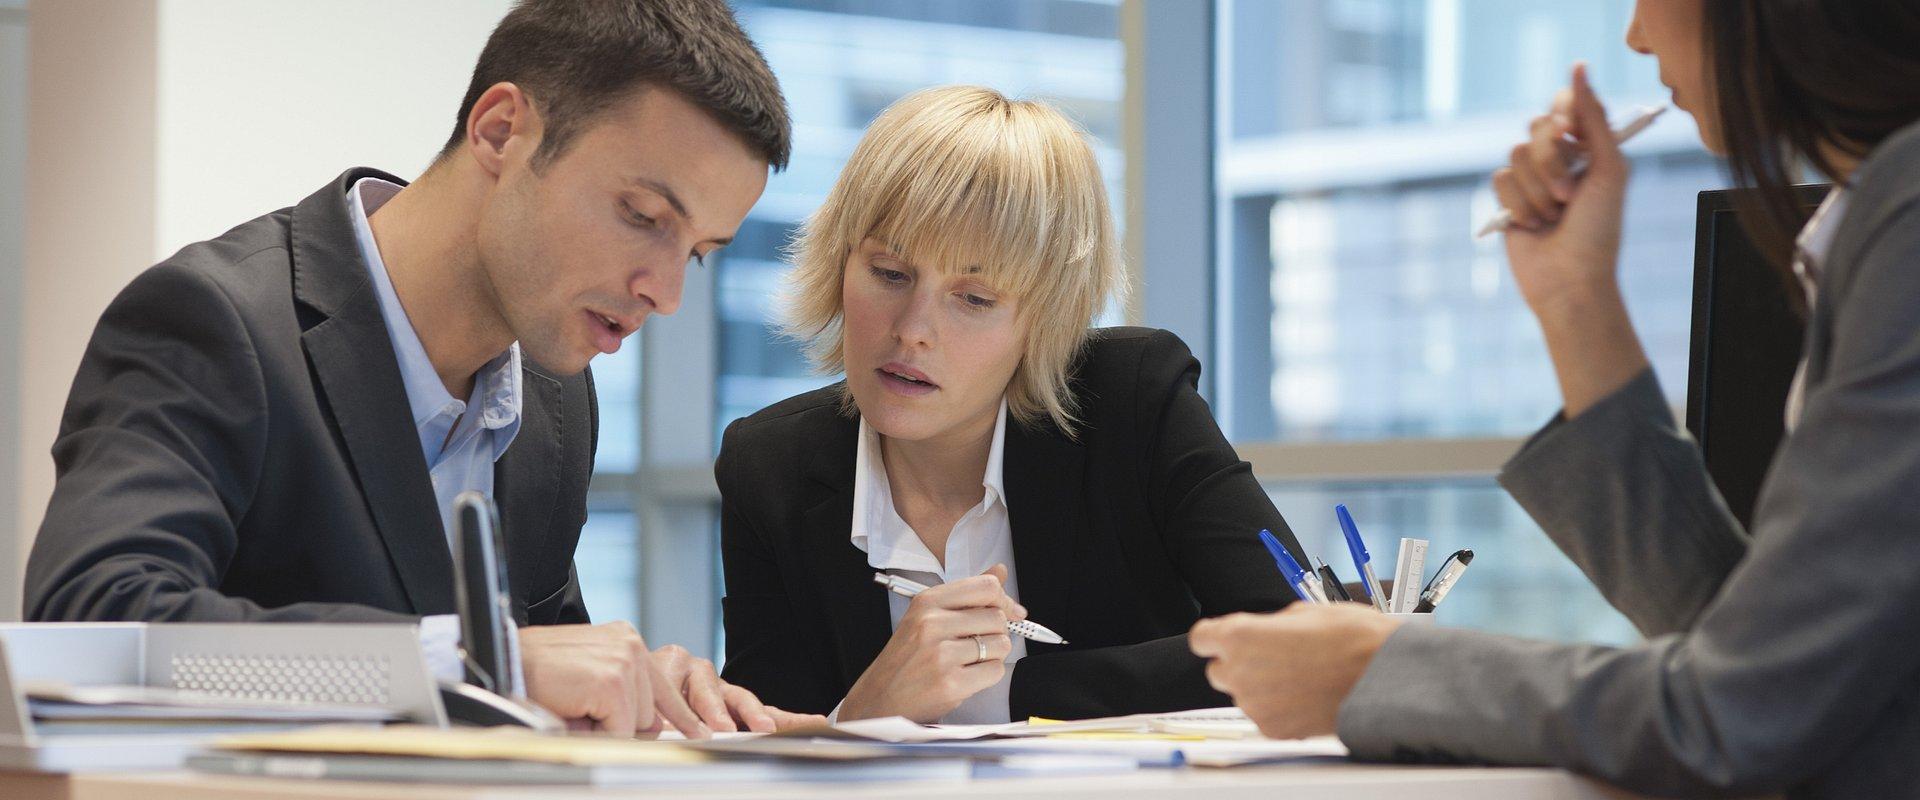 Coraz większa wiedza Polaków na temat PPK. Ponad 60 proc. pracowników największych firm słyszało o nowym systemie oszczędzania